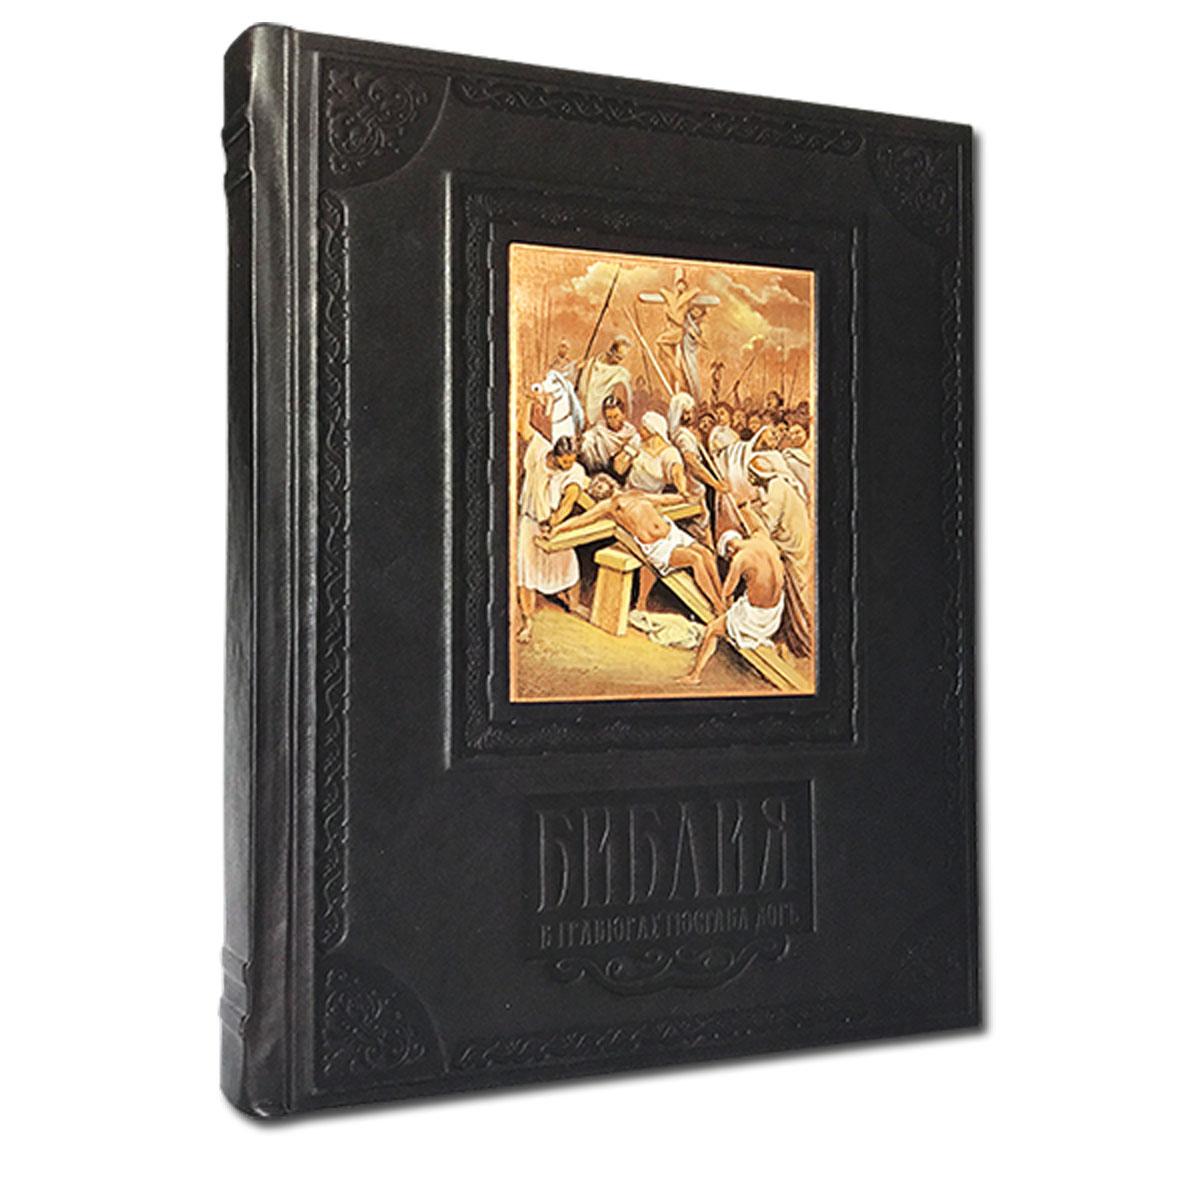 Сцены из Библии. Великие книги в гравюрах Гюстава Доре книги эксмо священная история в иллюстрациях гюстава доре перекидной